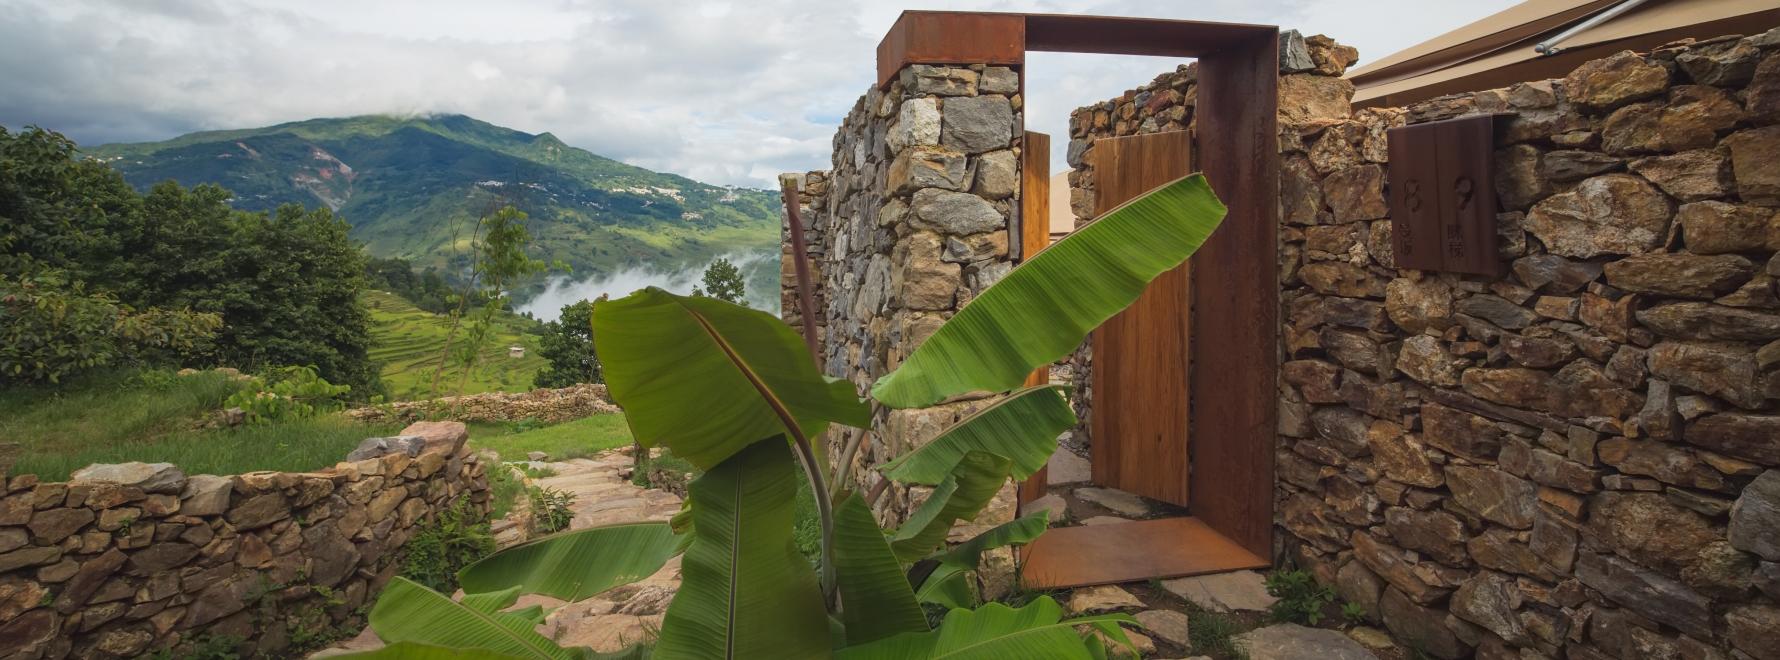 Vinetree · Honghegu Tented Resort